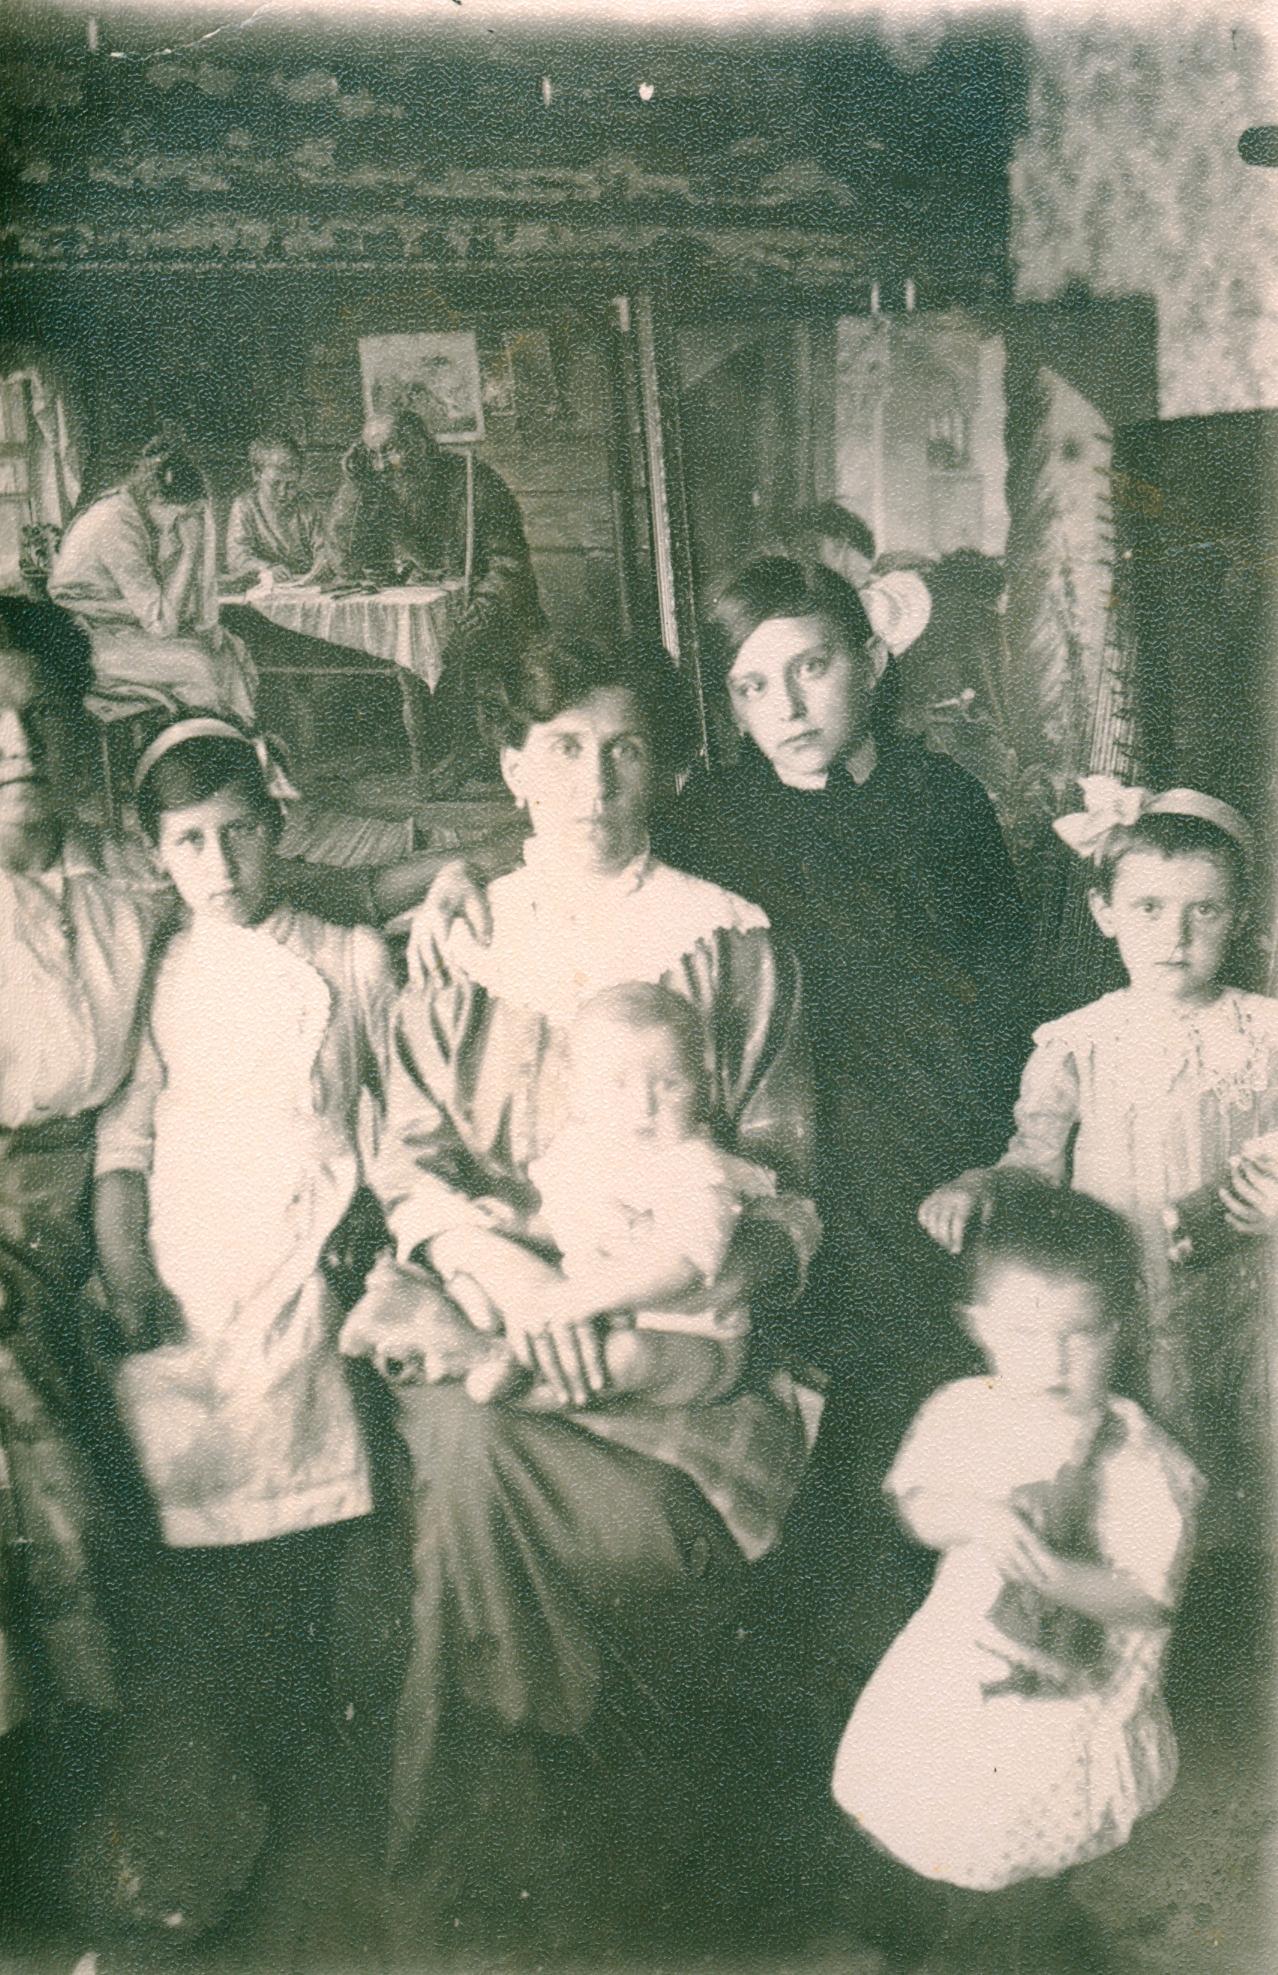 Жена Целебровского Мария Семеновна с детьми на фоне  картины «Печальные вести». Муром, 1900-е